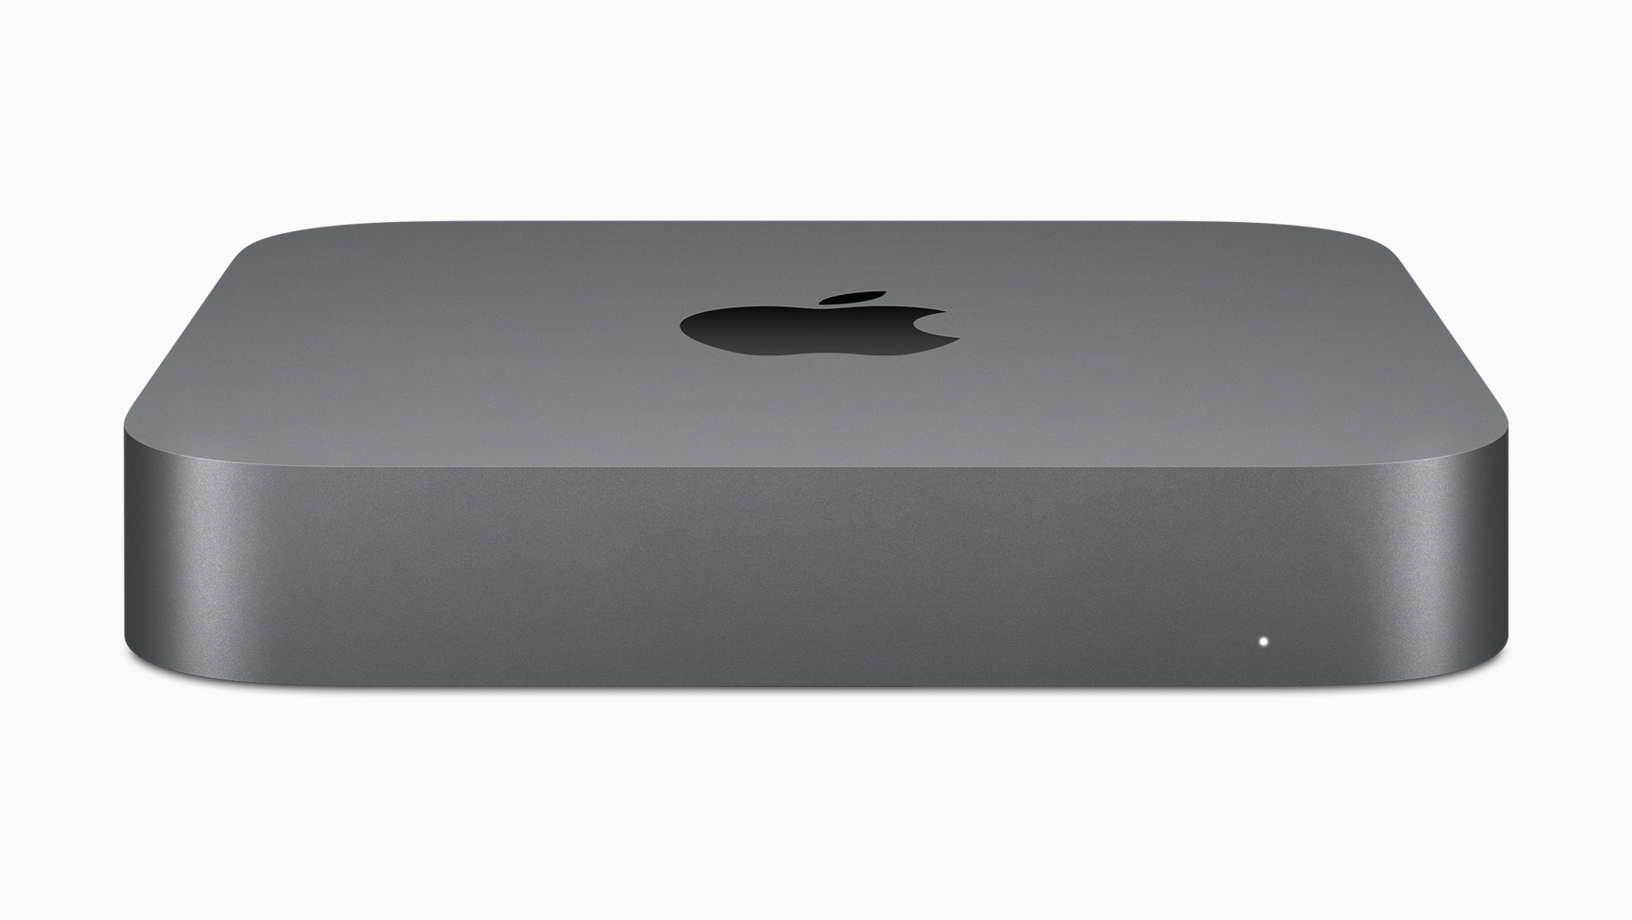 Meet Apple's new Mac Mini